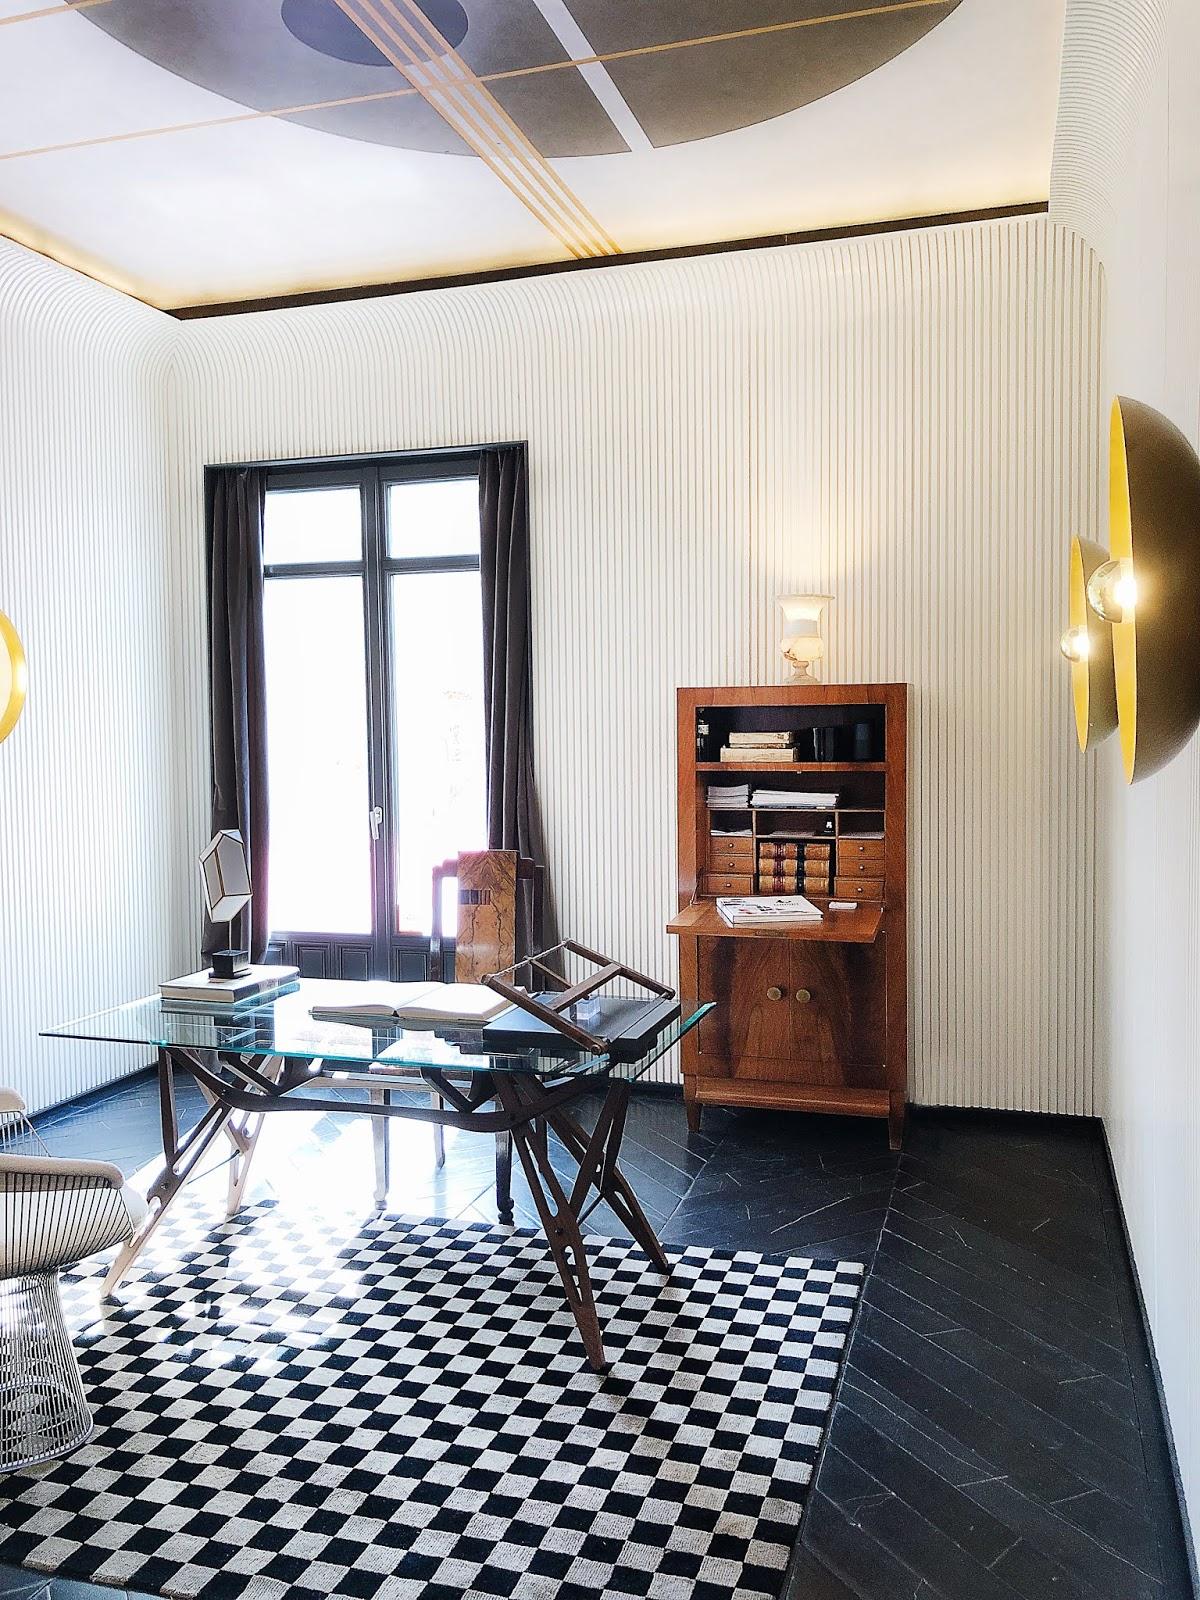 Angel Verdu, Interiorista español, interioristas en spana, Decoracion de interiores, decoracion de interiores espana, interior design spain, spain interior designers